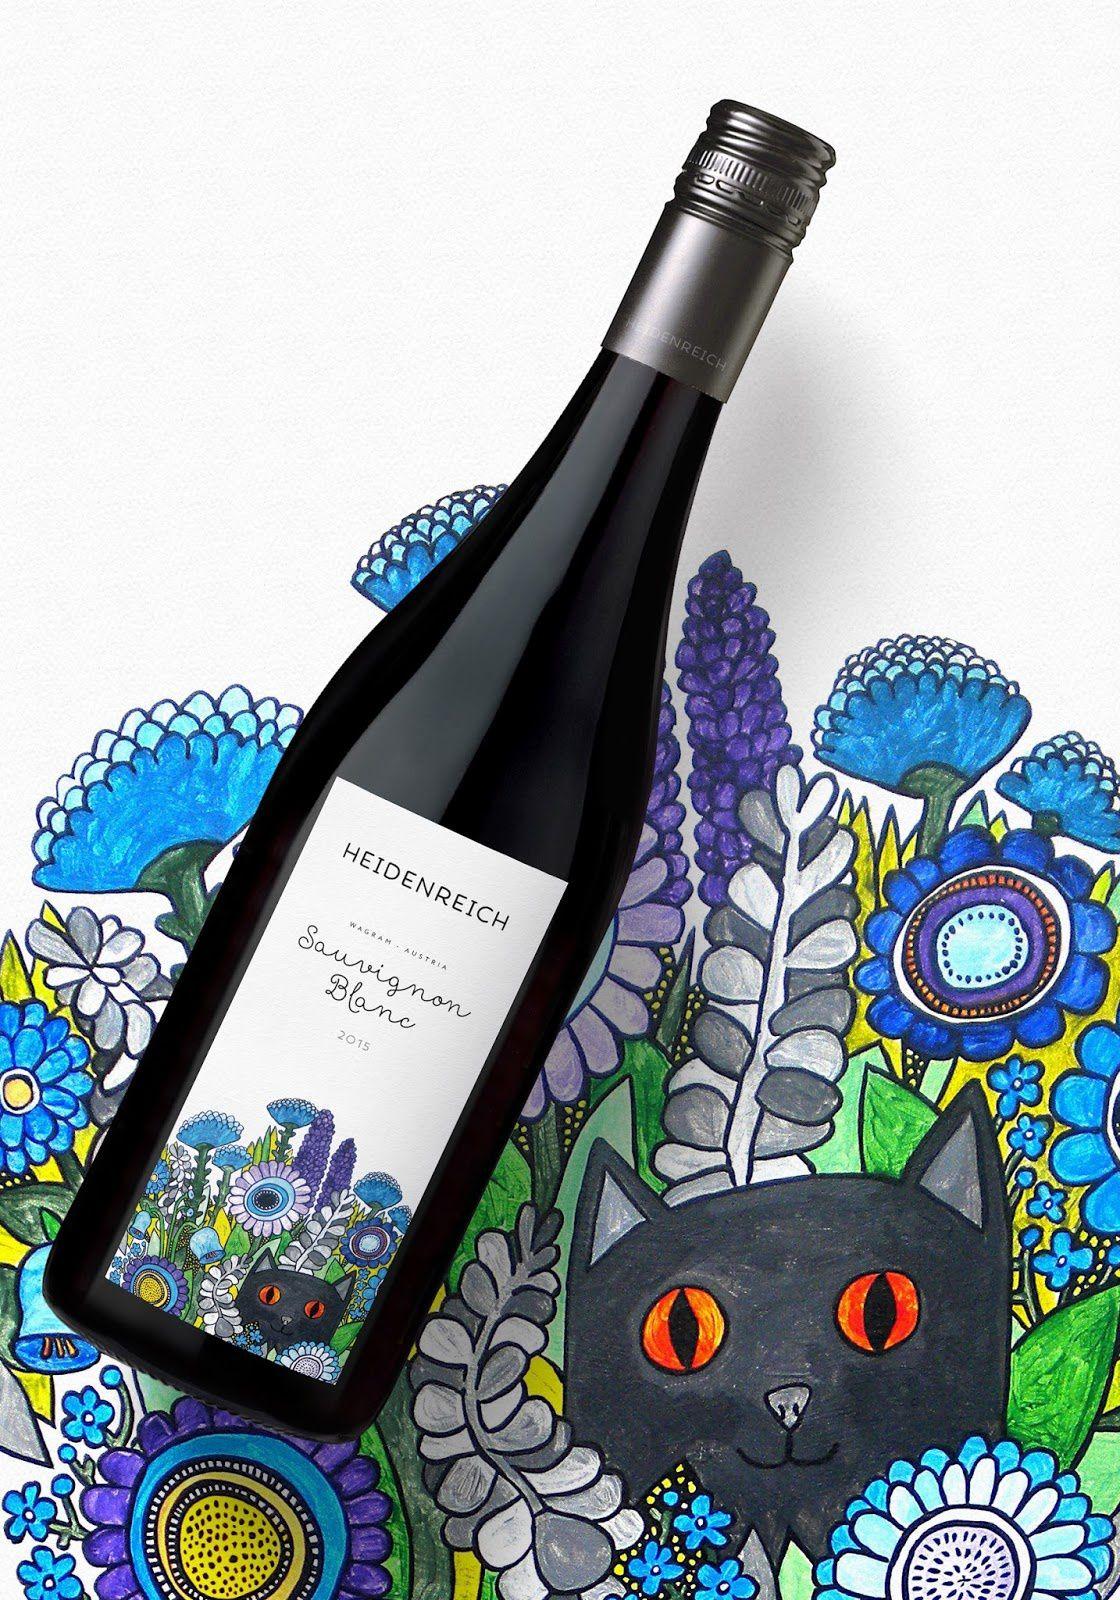 Weingut Heidenreich (vin) | Design : theroomrooms', Moscou, Russie / Wagram, Autriche (mai 2016)